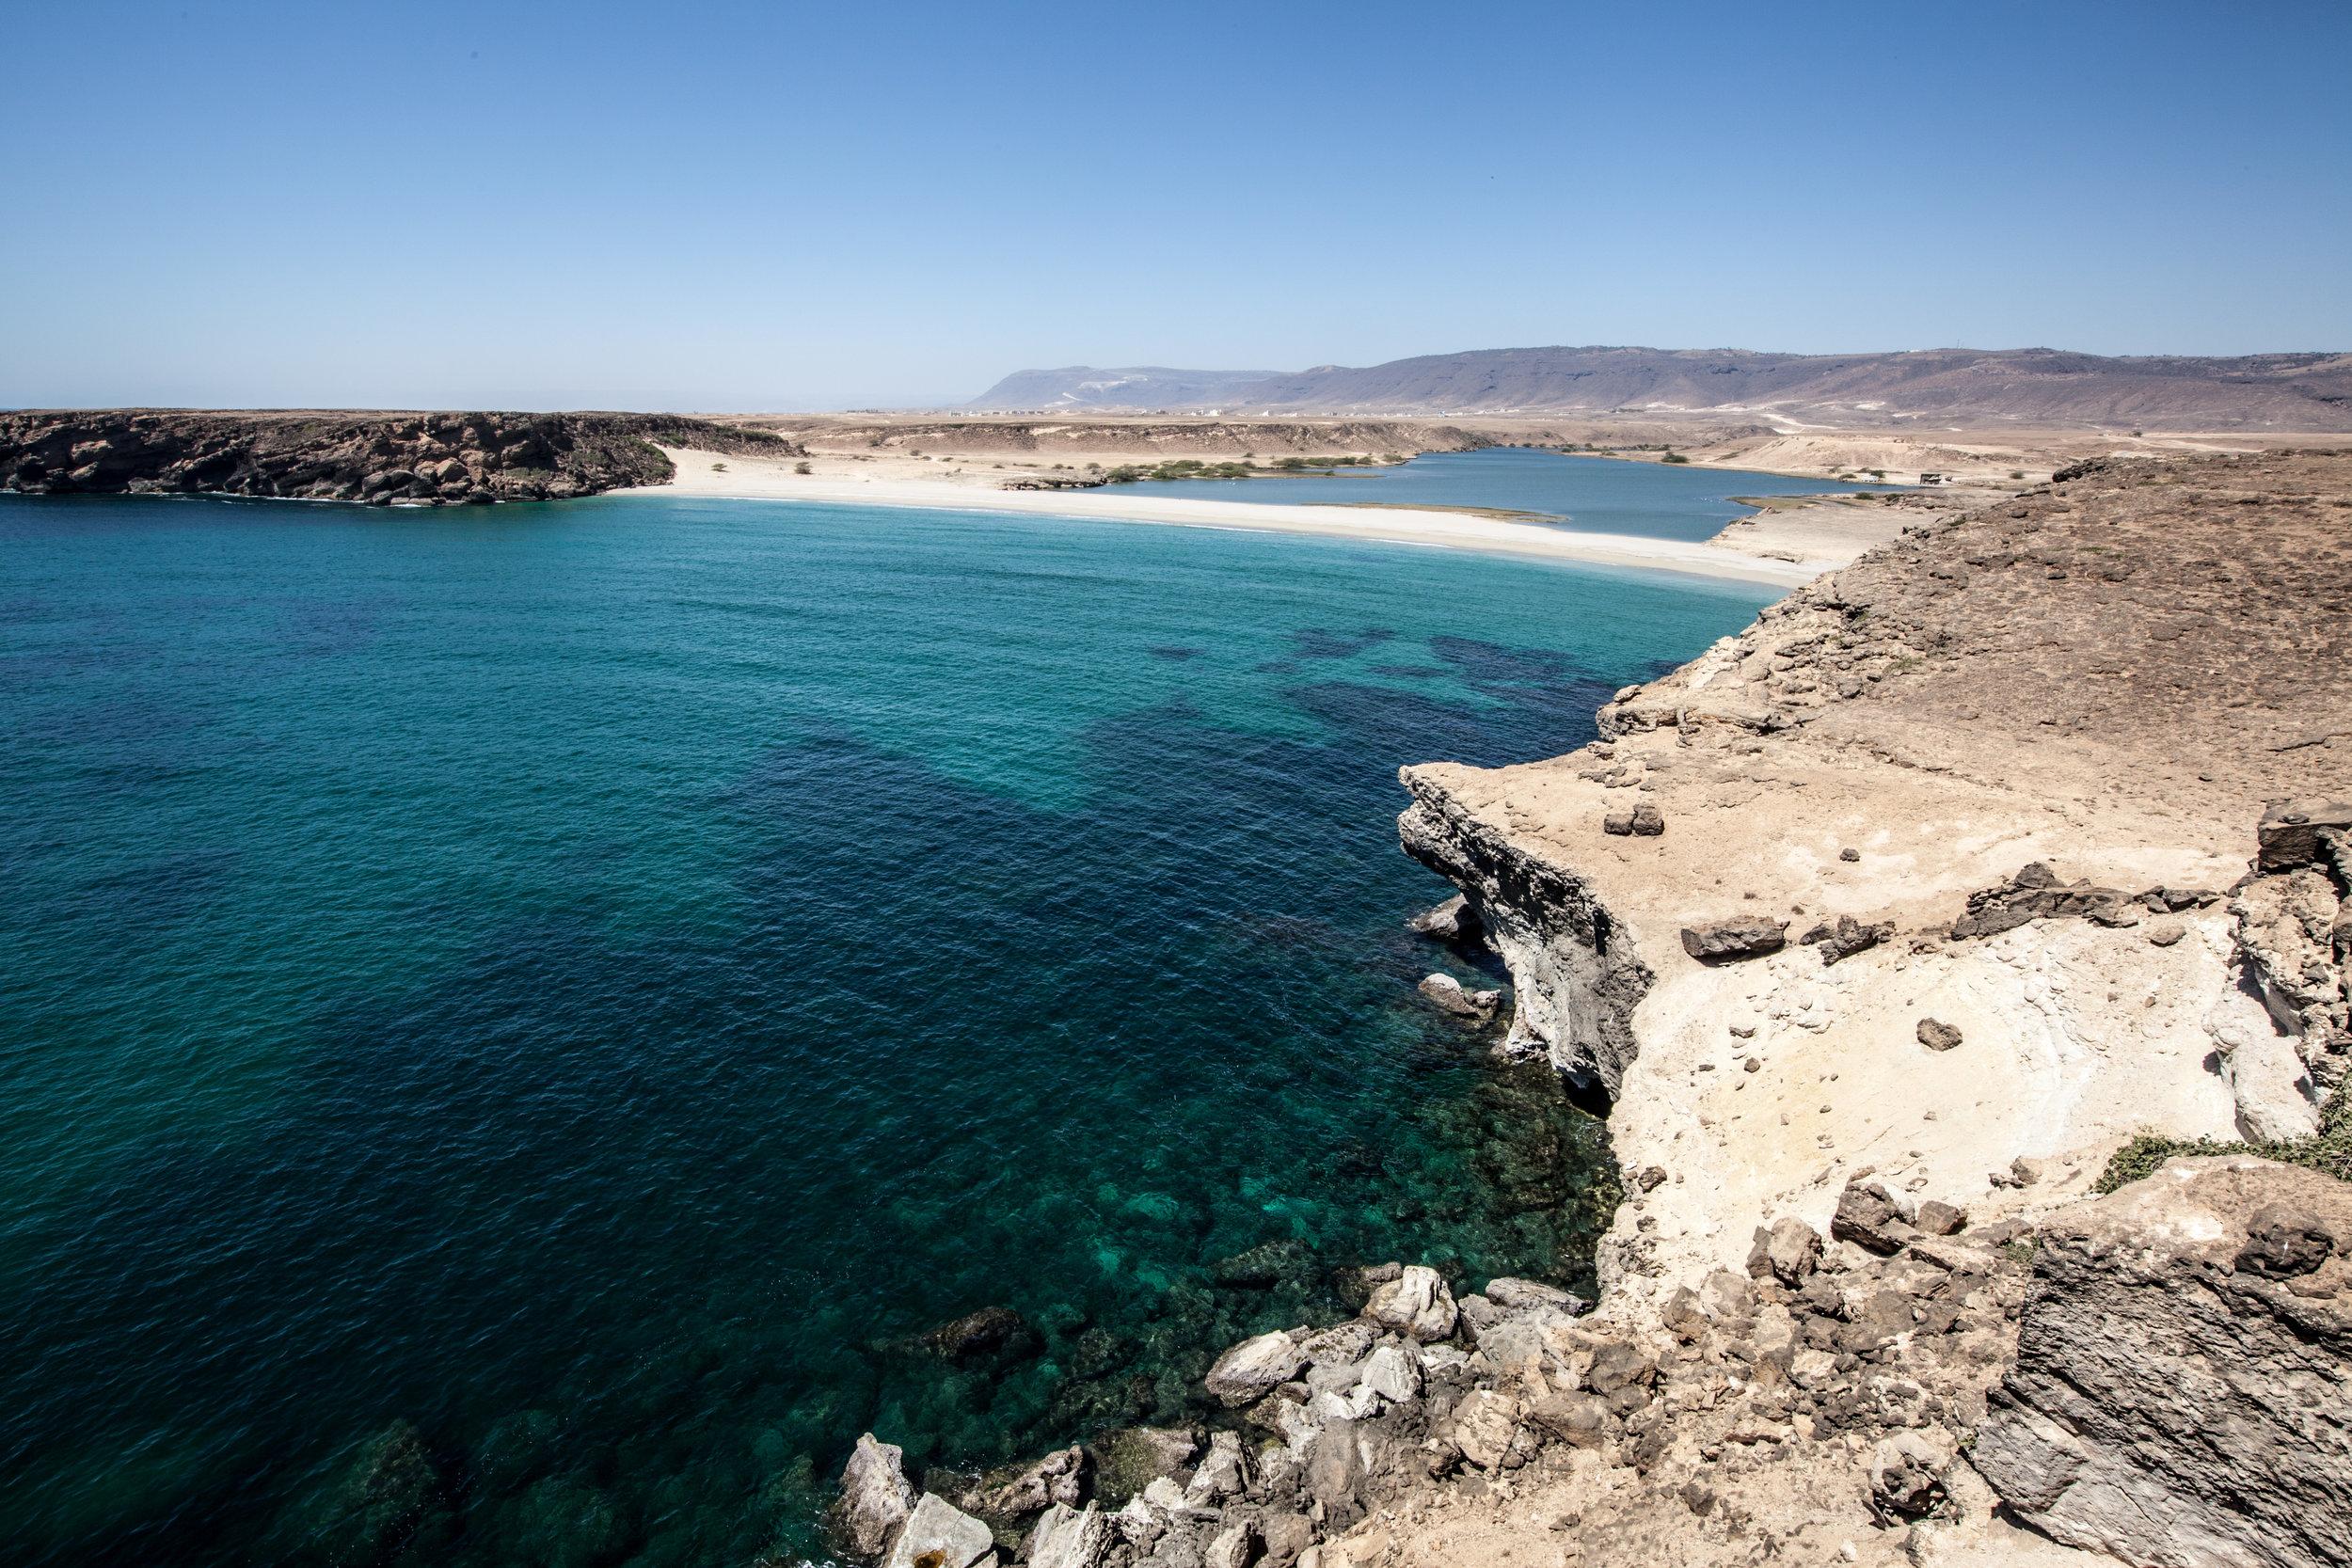 Khor Rori, Oman.